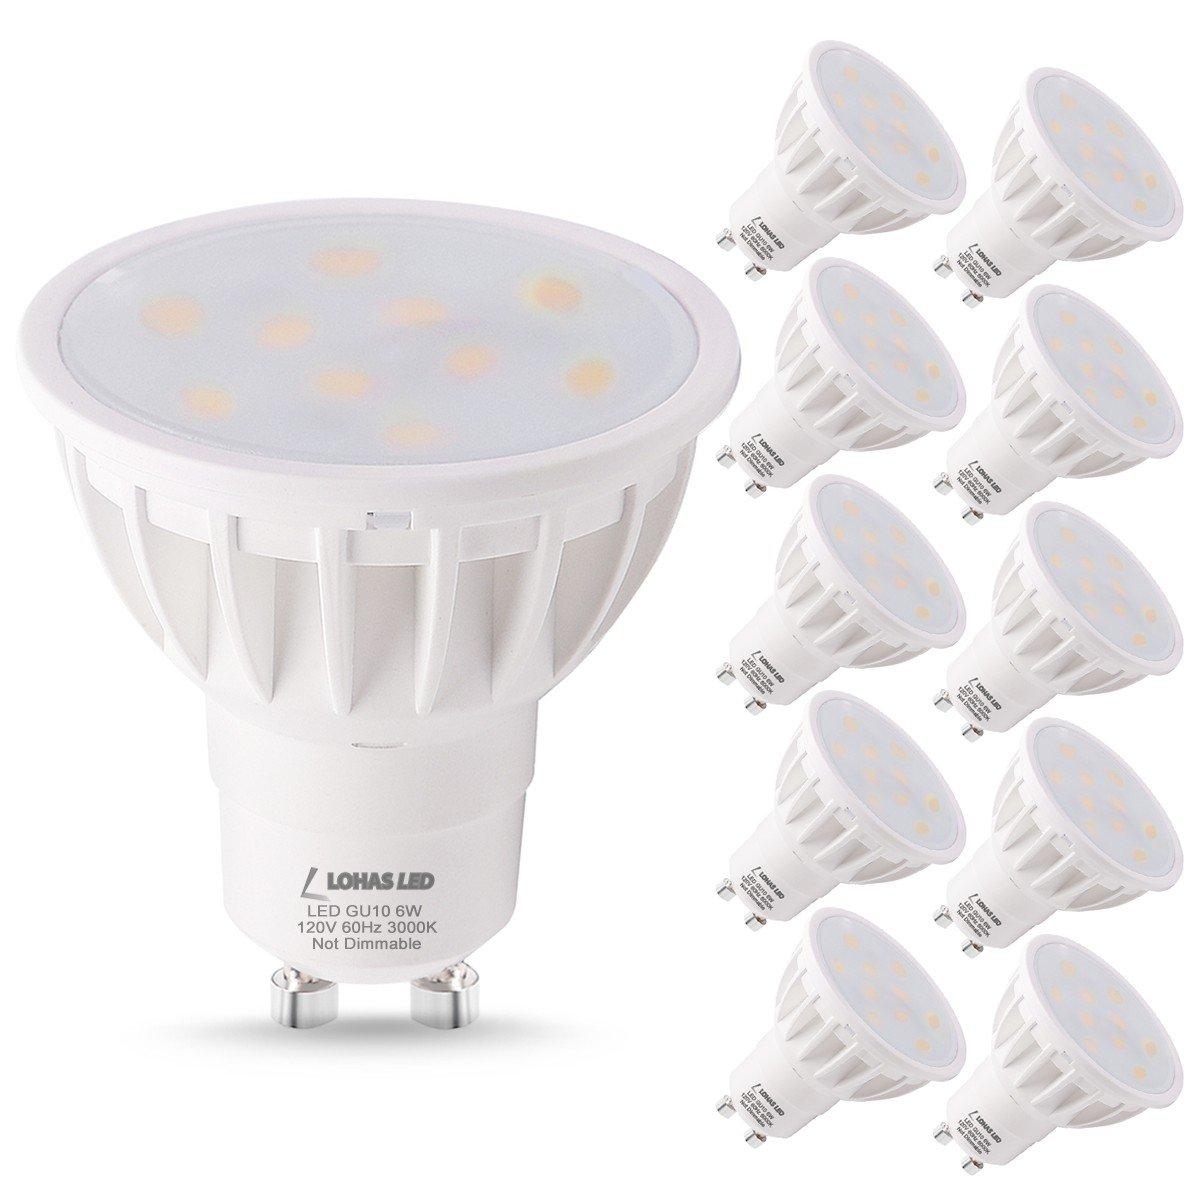 LOHAS GU10 LED Light Bulbs, 50 Watt Light Bulb Equivalent Recessed Lighting, LED 6W 3000K Soft White Lights, 120 Degree Beam Angle, 120V LED Track Lighting Spotlight (10 Pack) GK Lighting